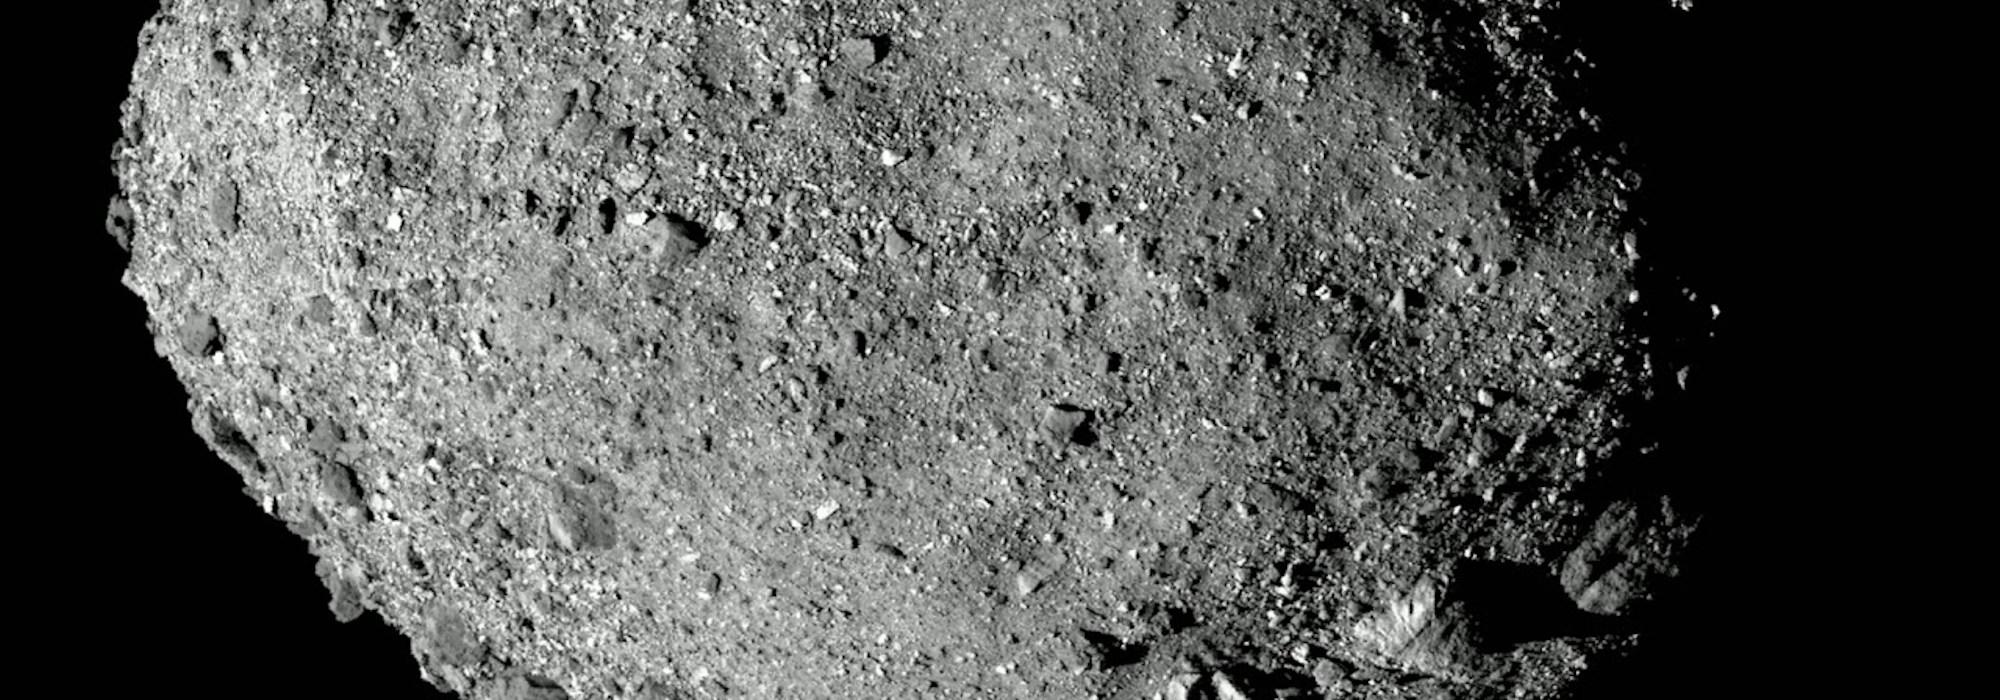 NASA'nın OSIRIS-REx Misyonu: Bennu asteroidinin dumanları